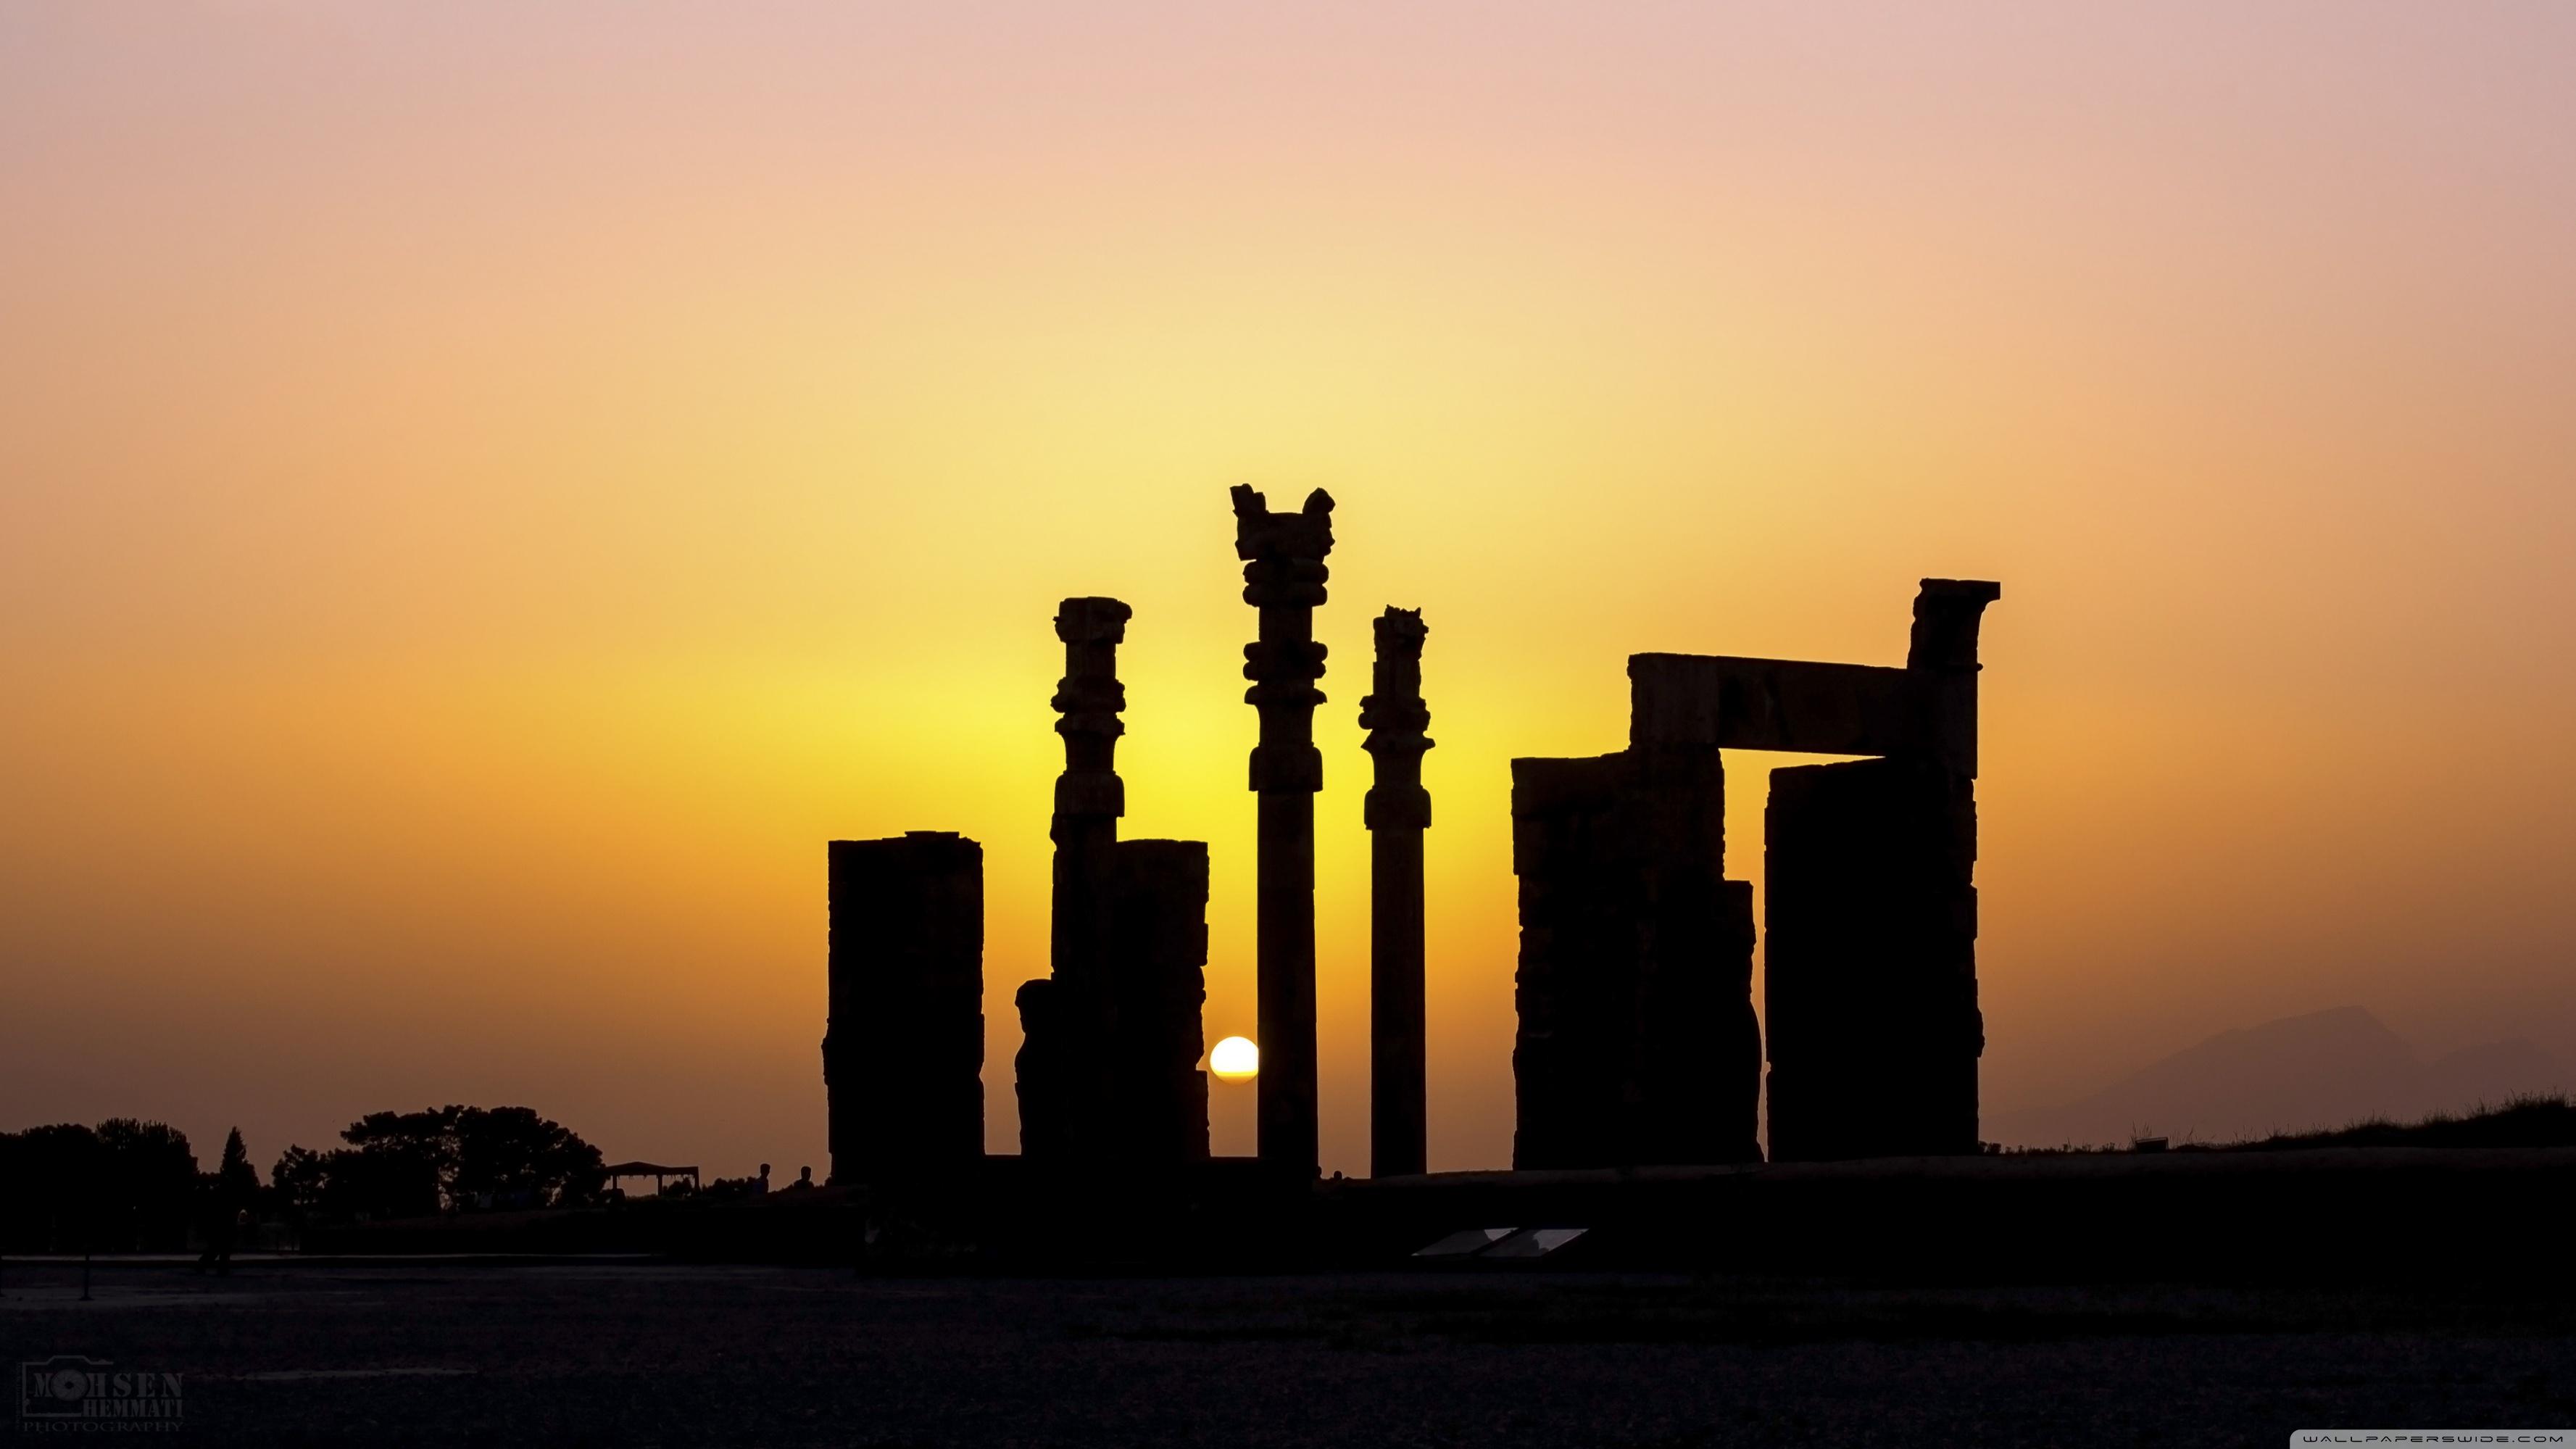 18] Persepolis City Wallpapers on WallpaperSafari 3554x1999